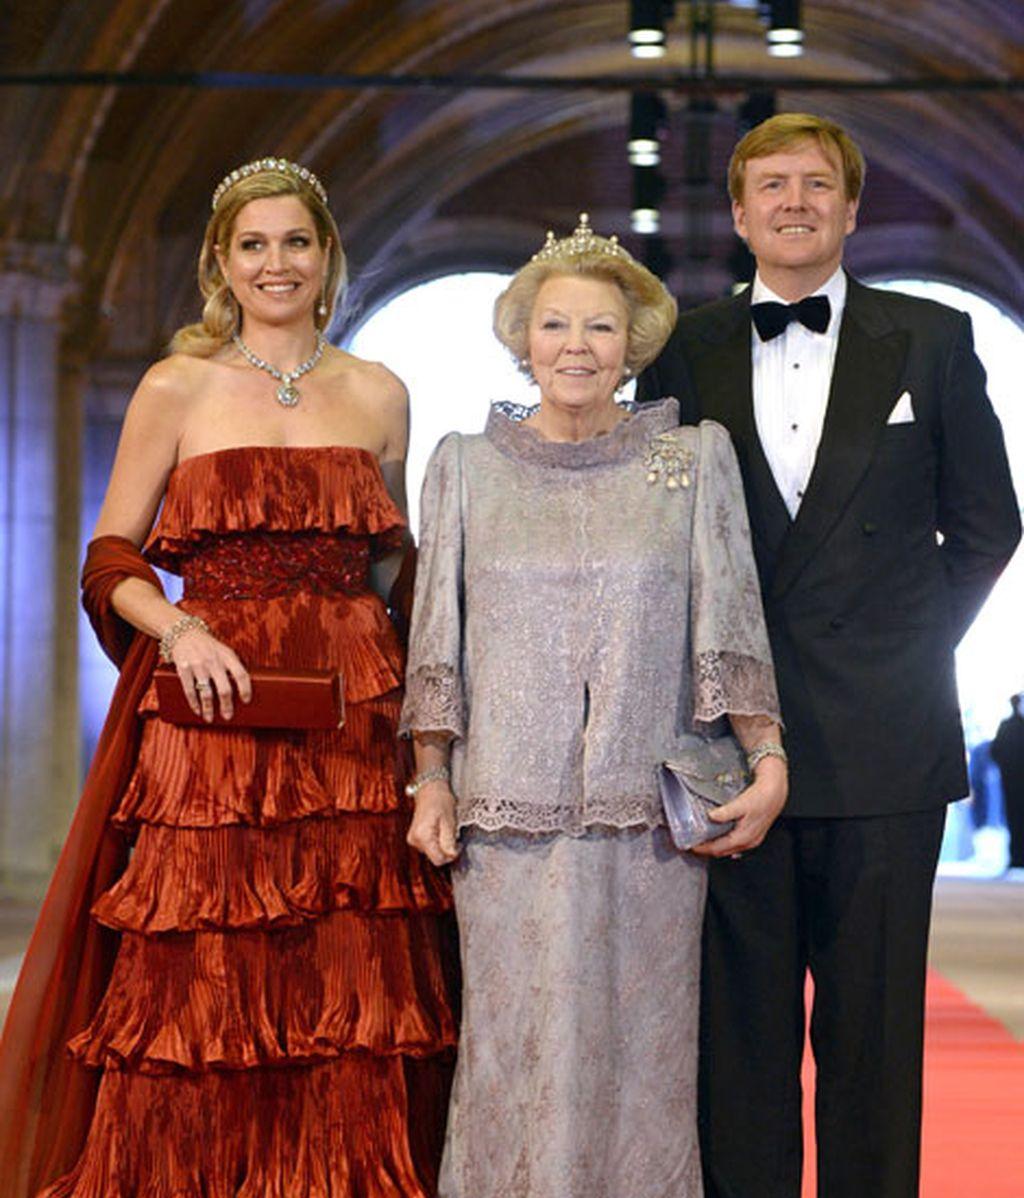 La reina Beatriz